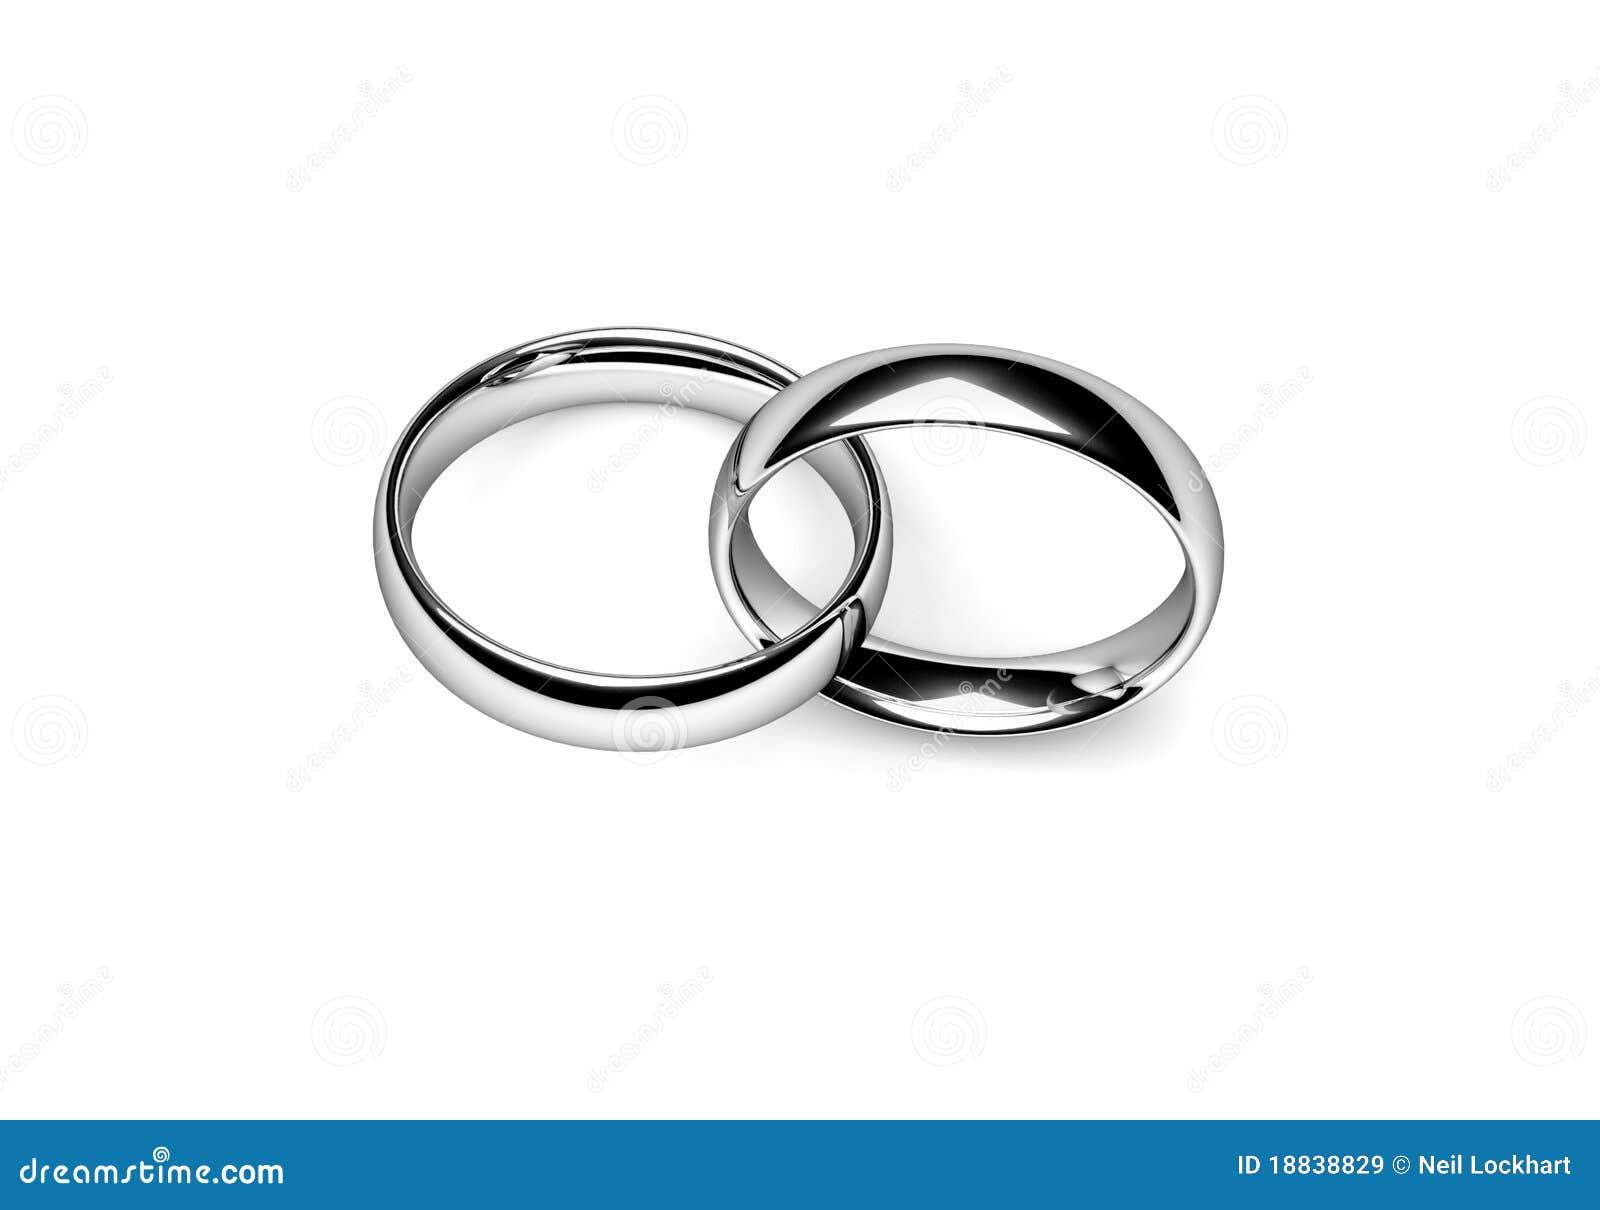 Interlocking Wedding Rings.Wedding Bands Stock Illustration Illustration Of White